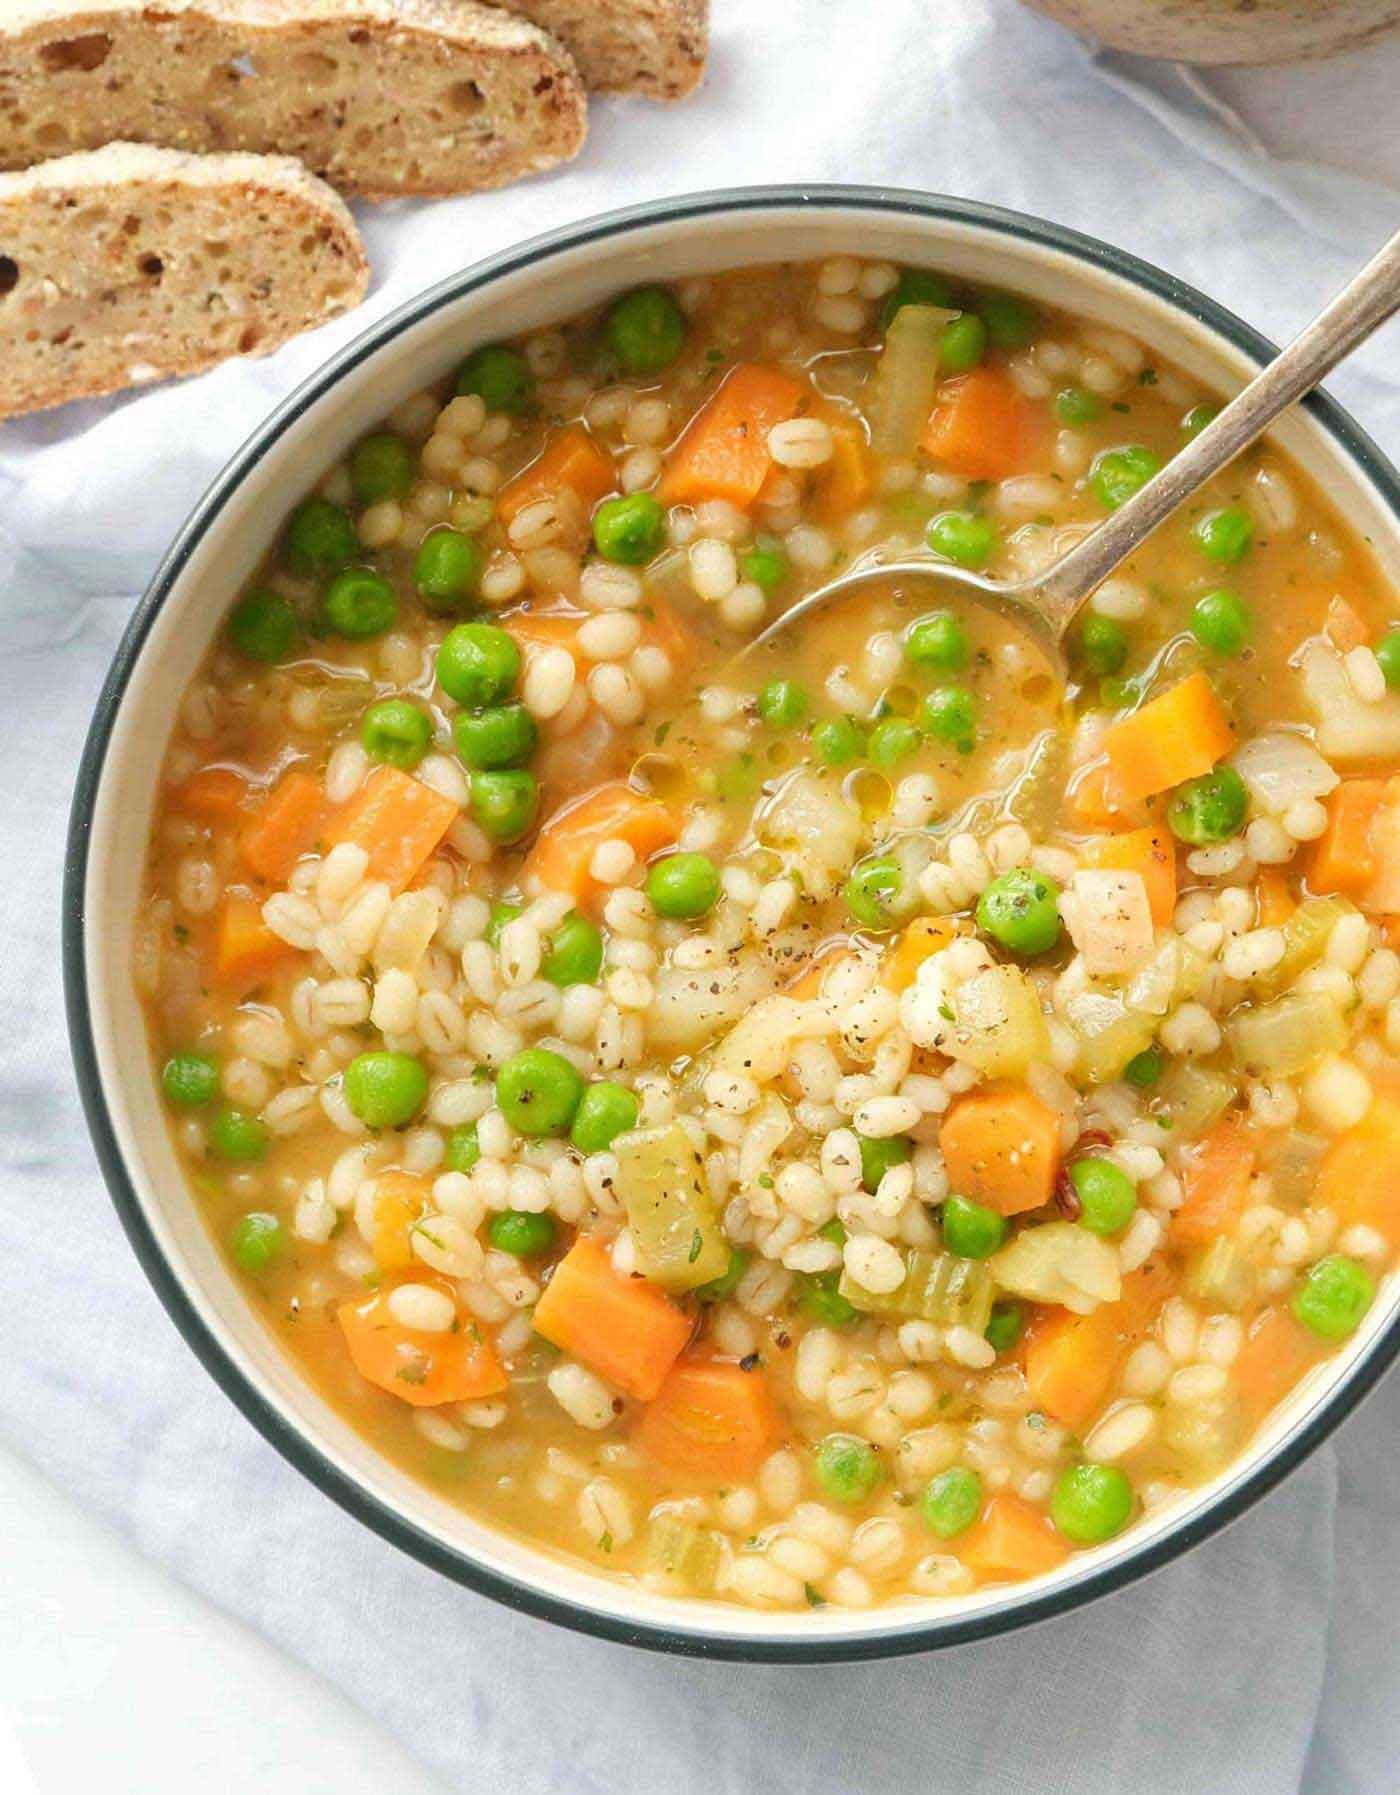 طرز تهیه سوپ جو خوشمزه و لذیذ با آموزش تصویری